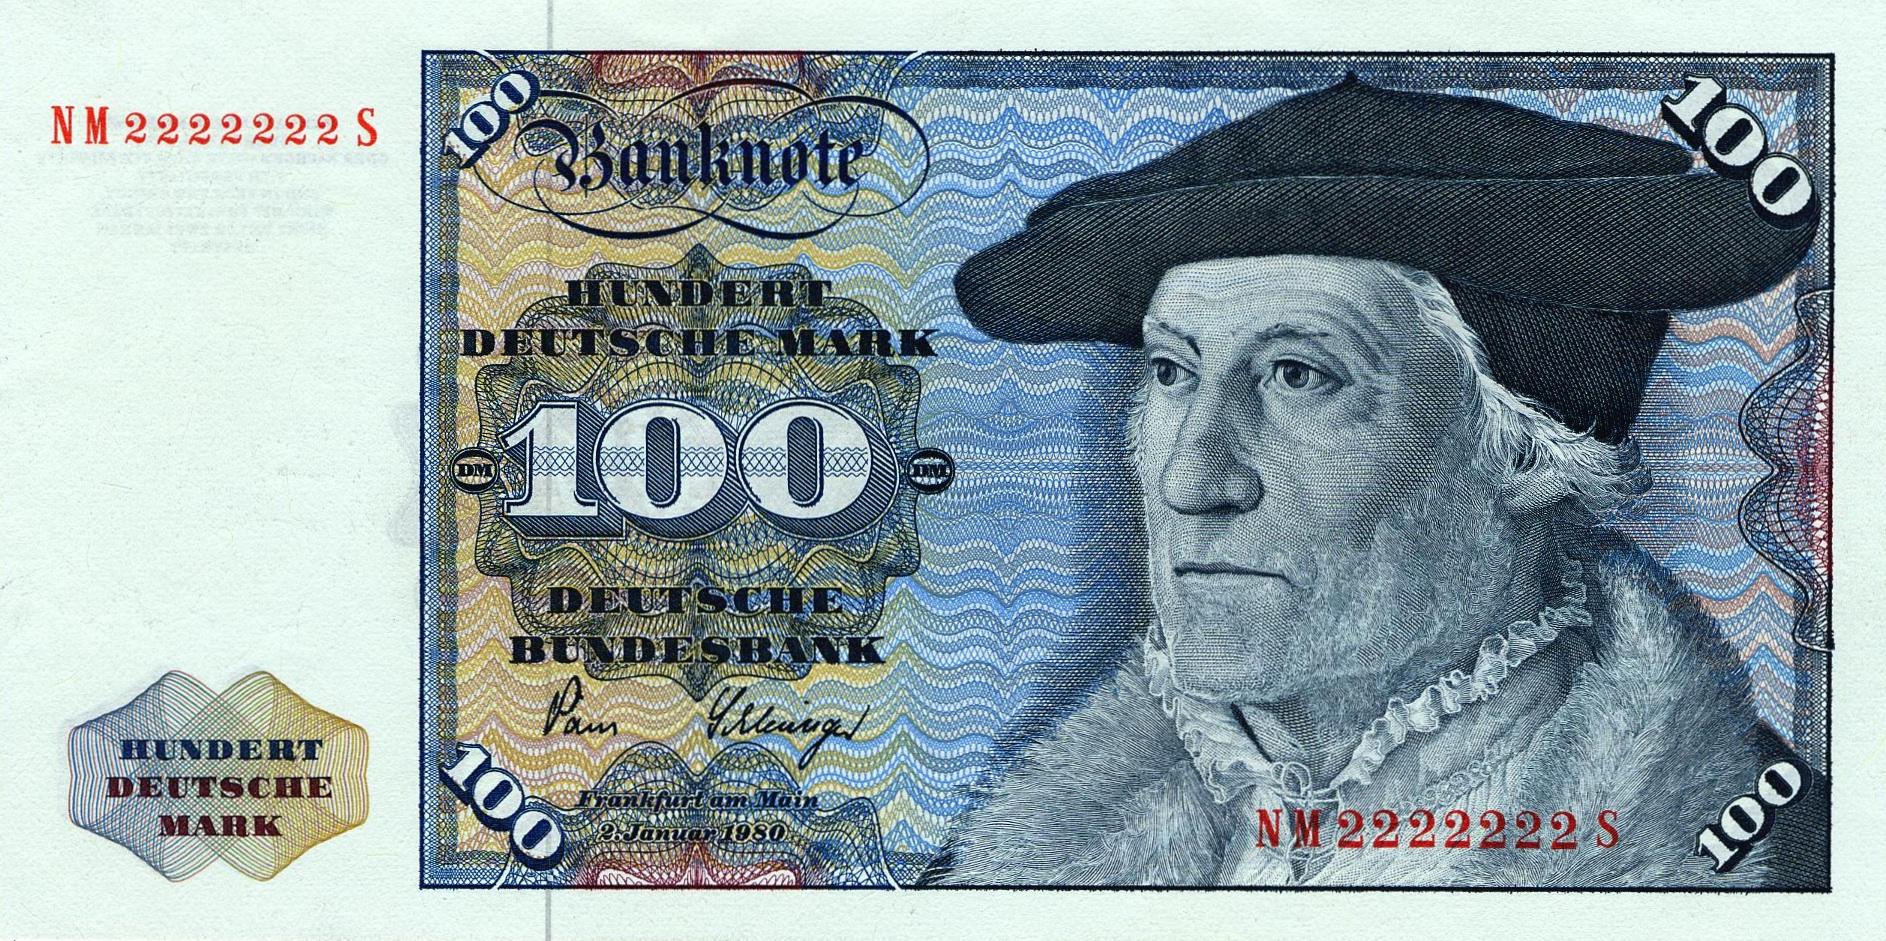 100 Deutsche Marks banknote - Sebastian Münster